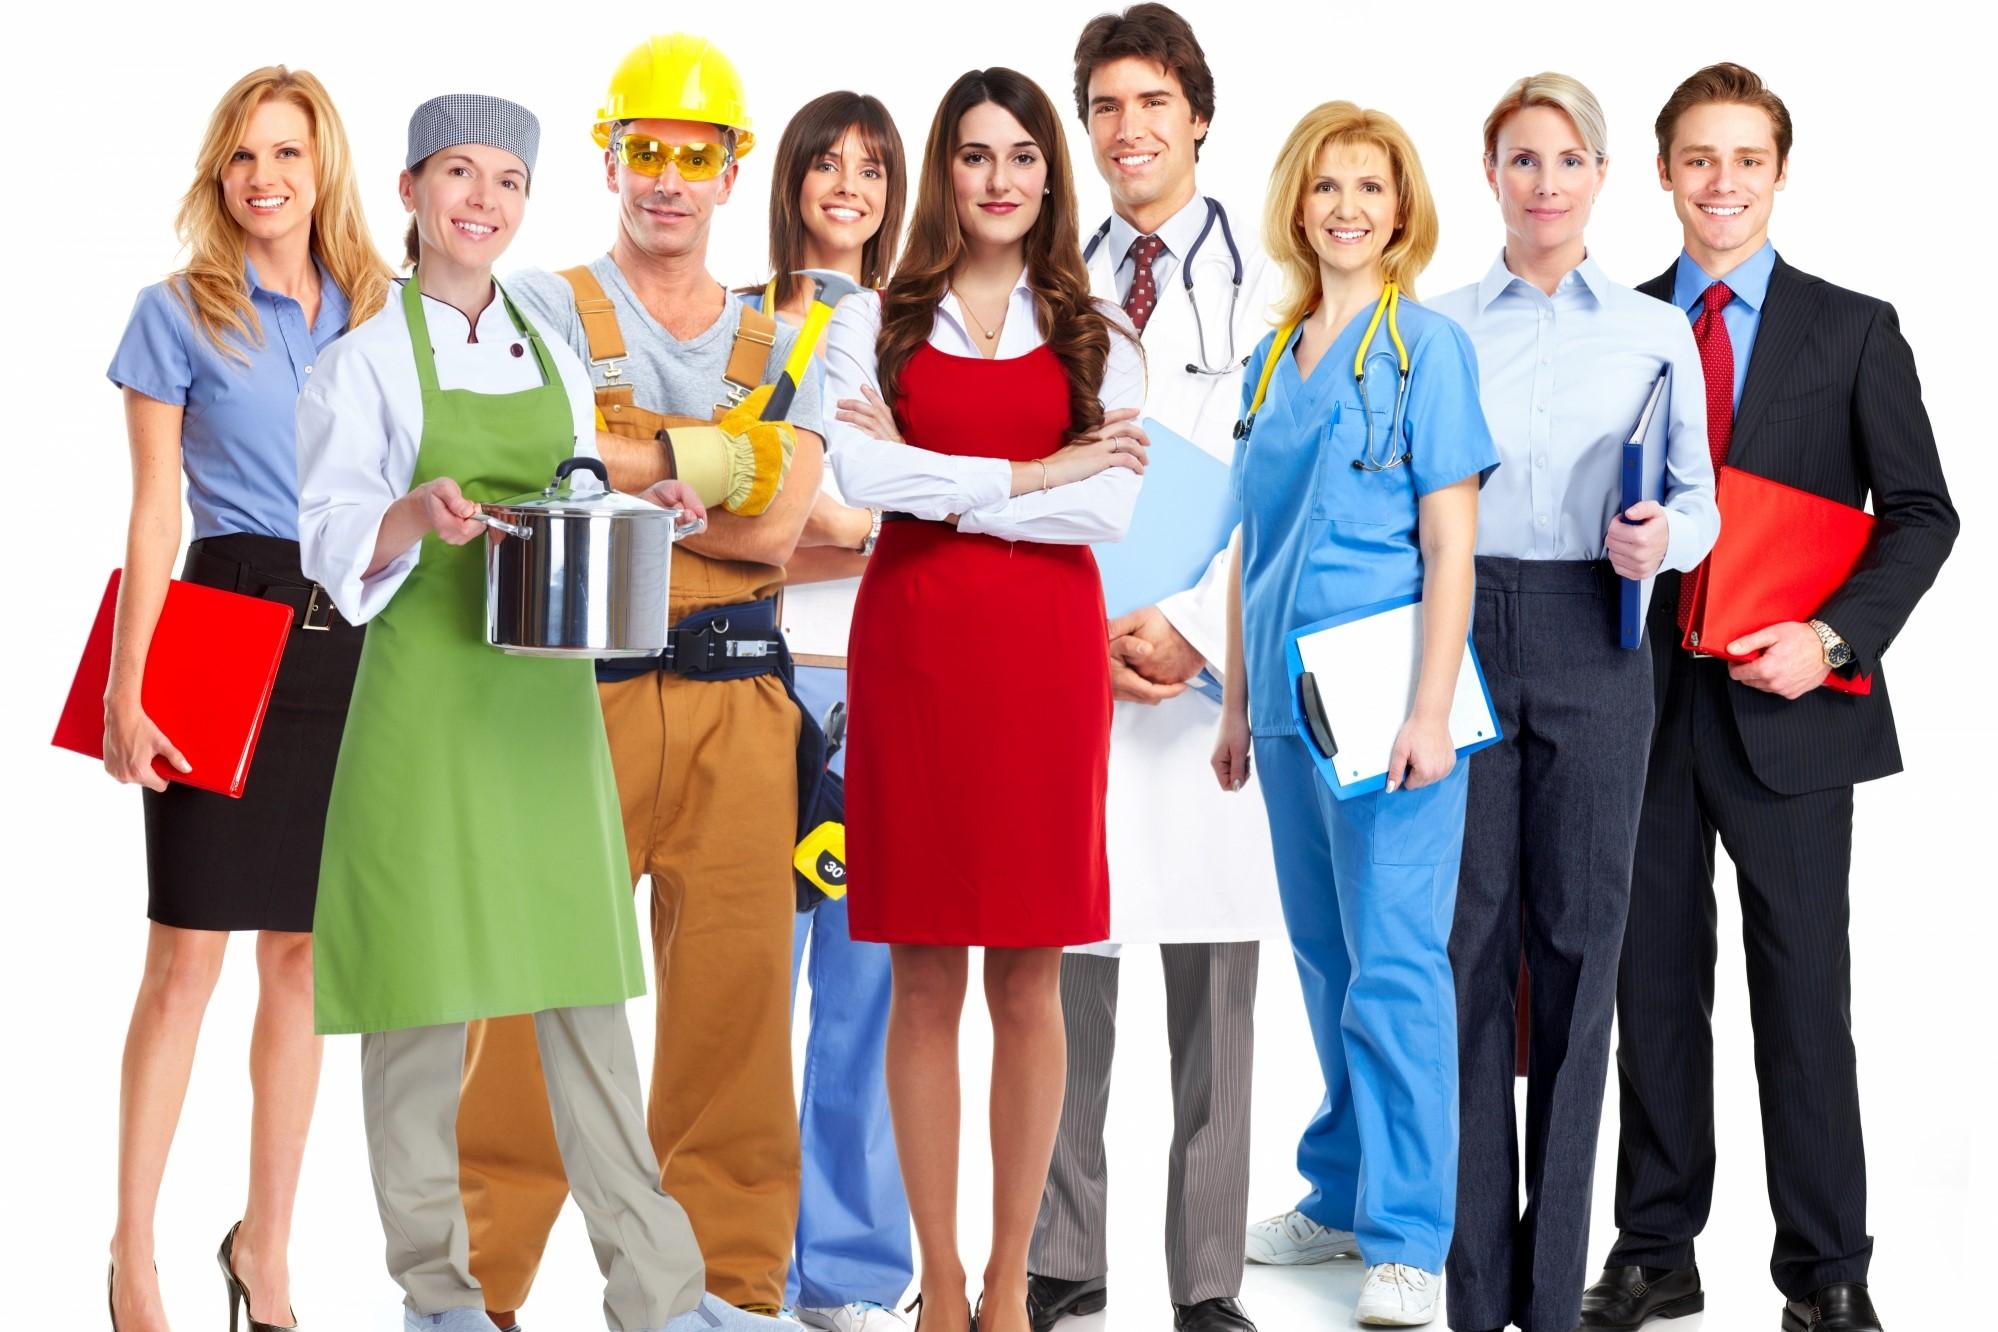 Новые вакансии появляются быстрее, чем специалисты: о вакансиях на рынке труда и выборе профессии рассказал директор Института труда России